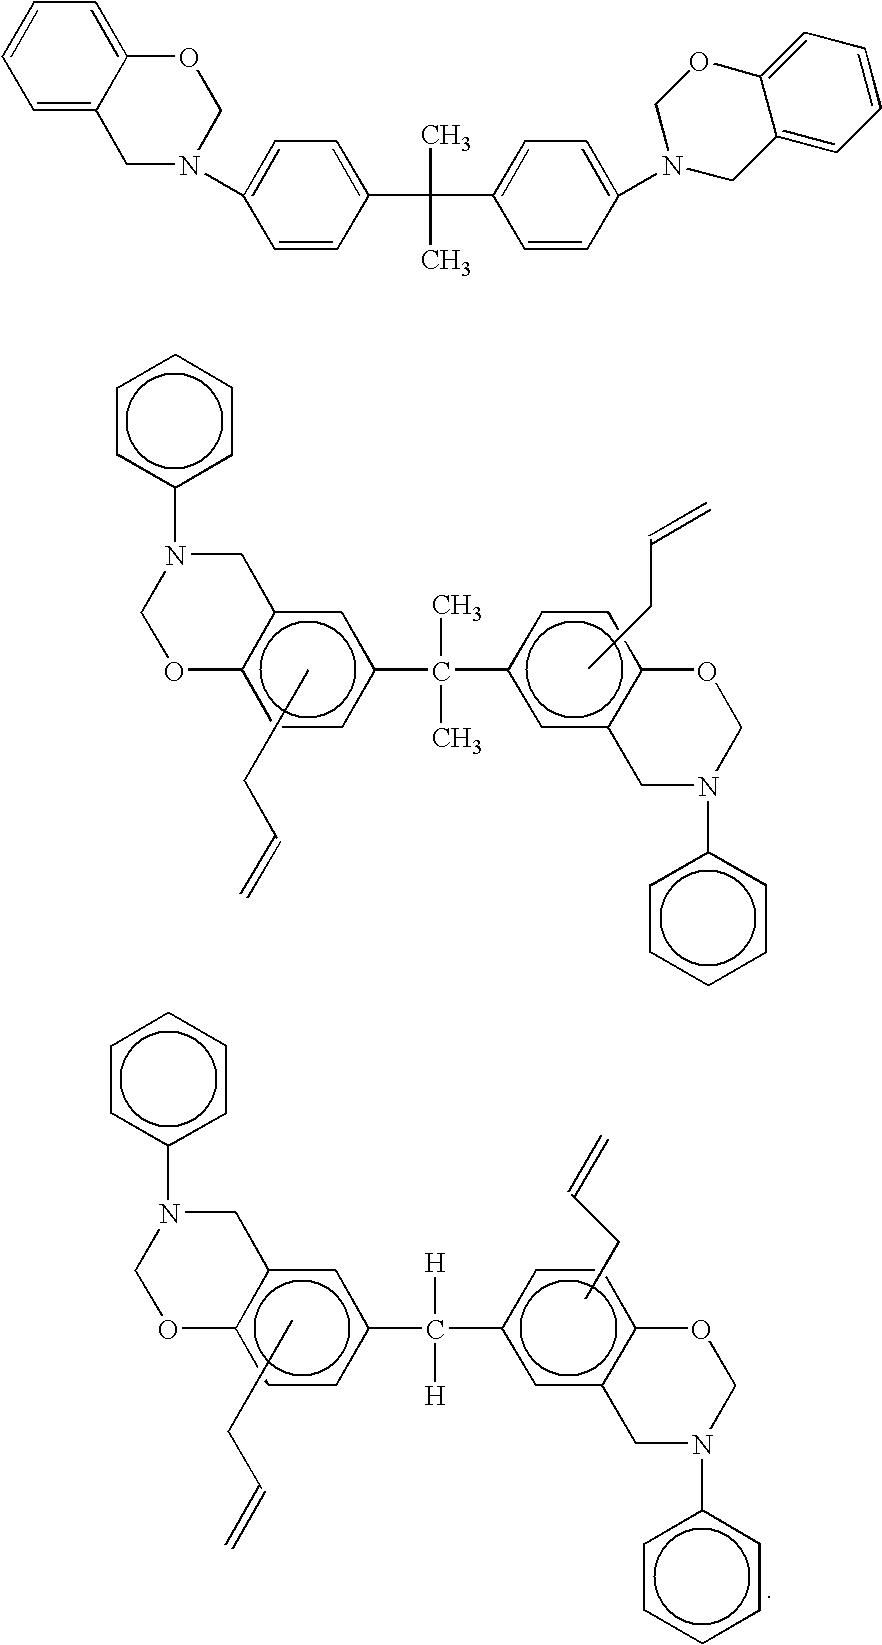 Figure US07537827-20090526-C00021